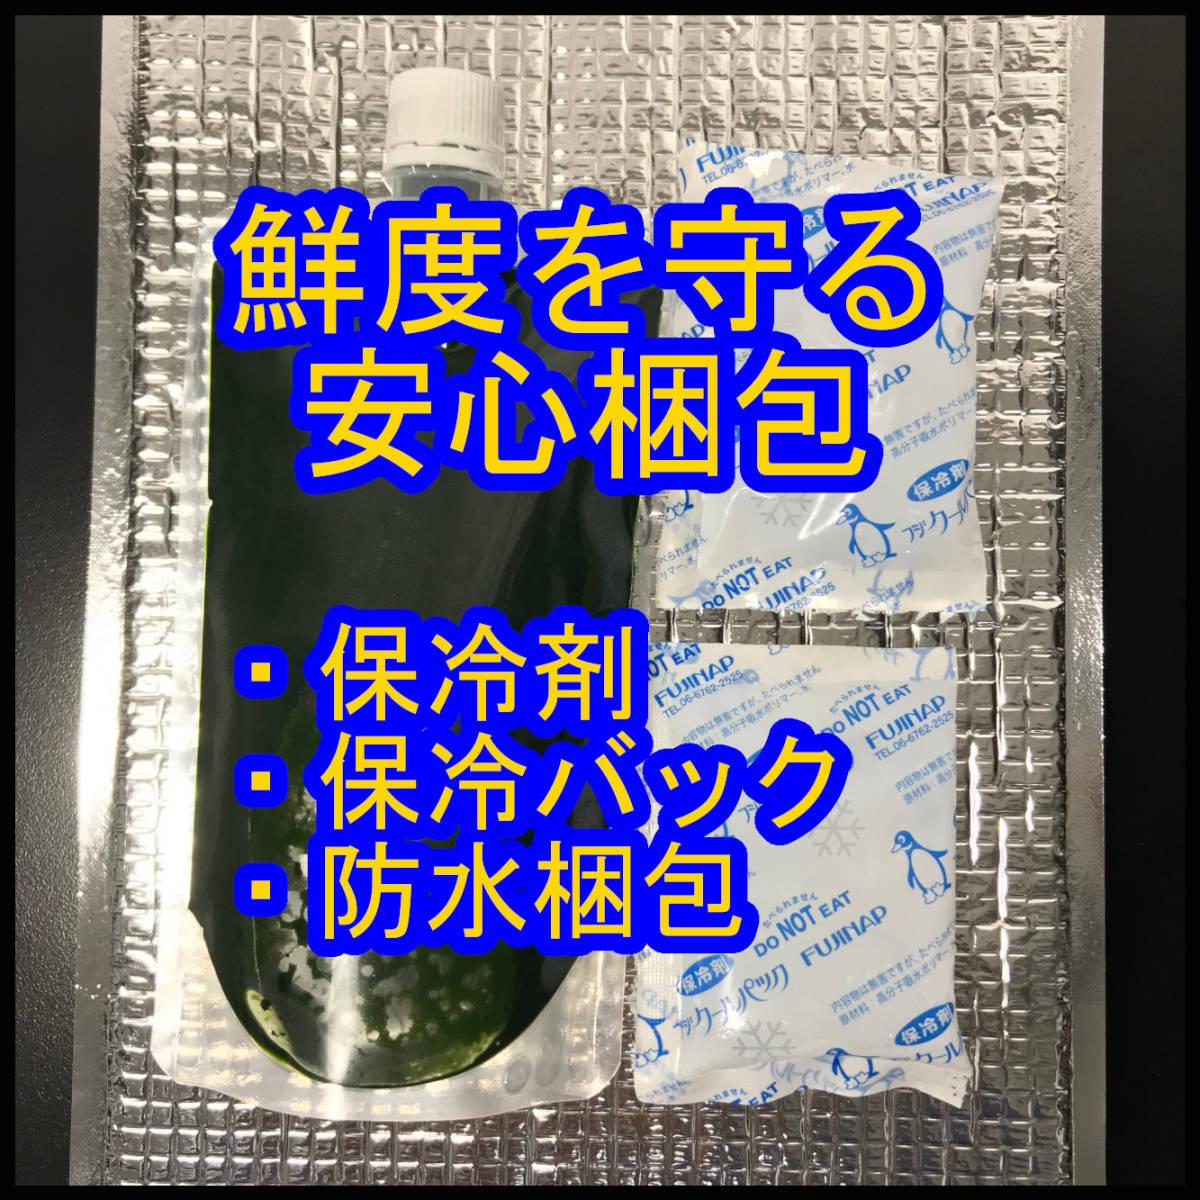 クール便★和香特選生クロレラ600ml★即日発送★ミジンコめだか金魚らんちゅうの餌 針子稚魚の青水作 ワムシゾウリムシ生餌ミドリムシ_新鮮な状態で保冷発送します